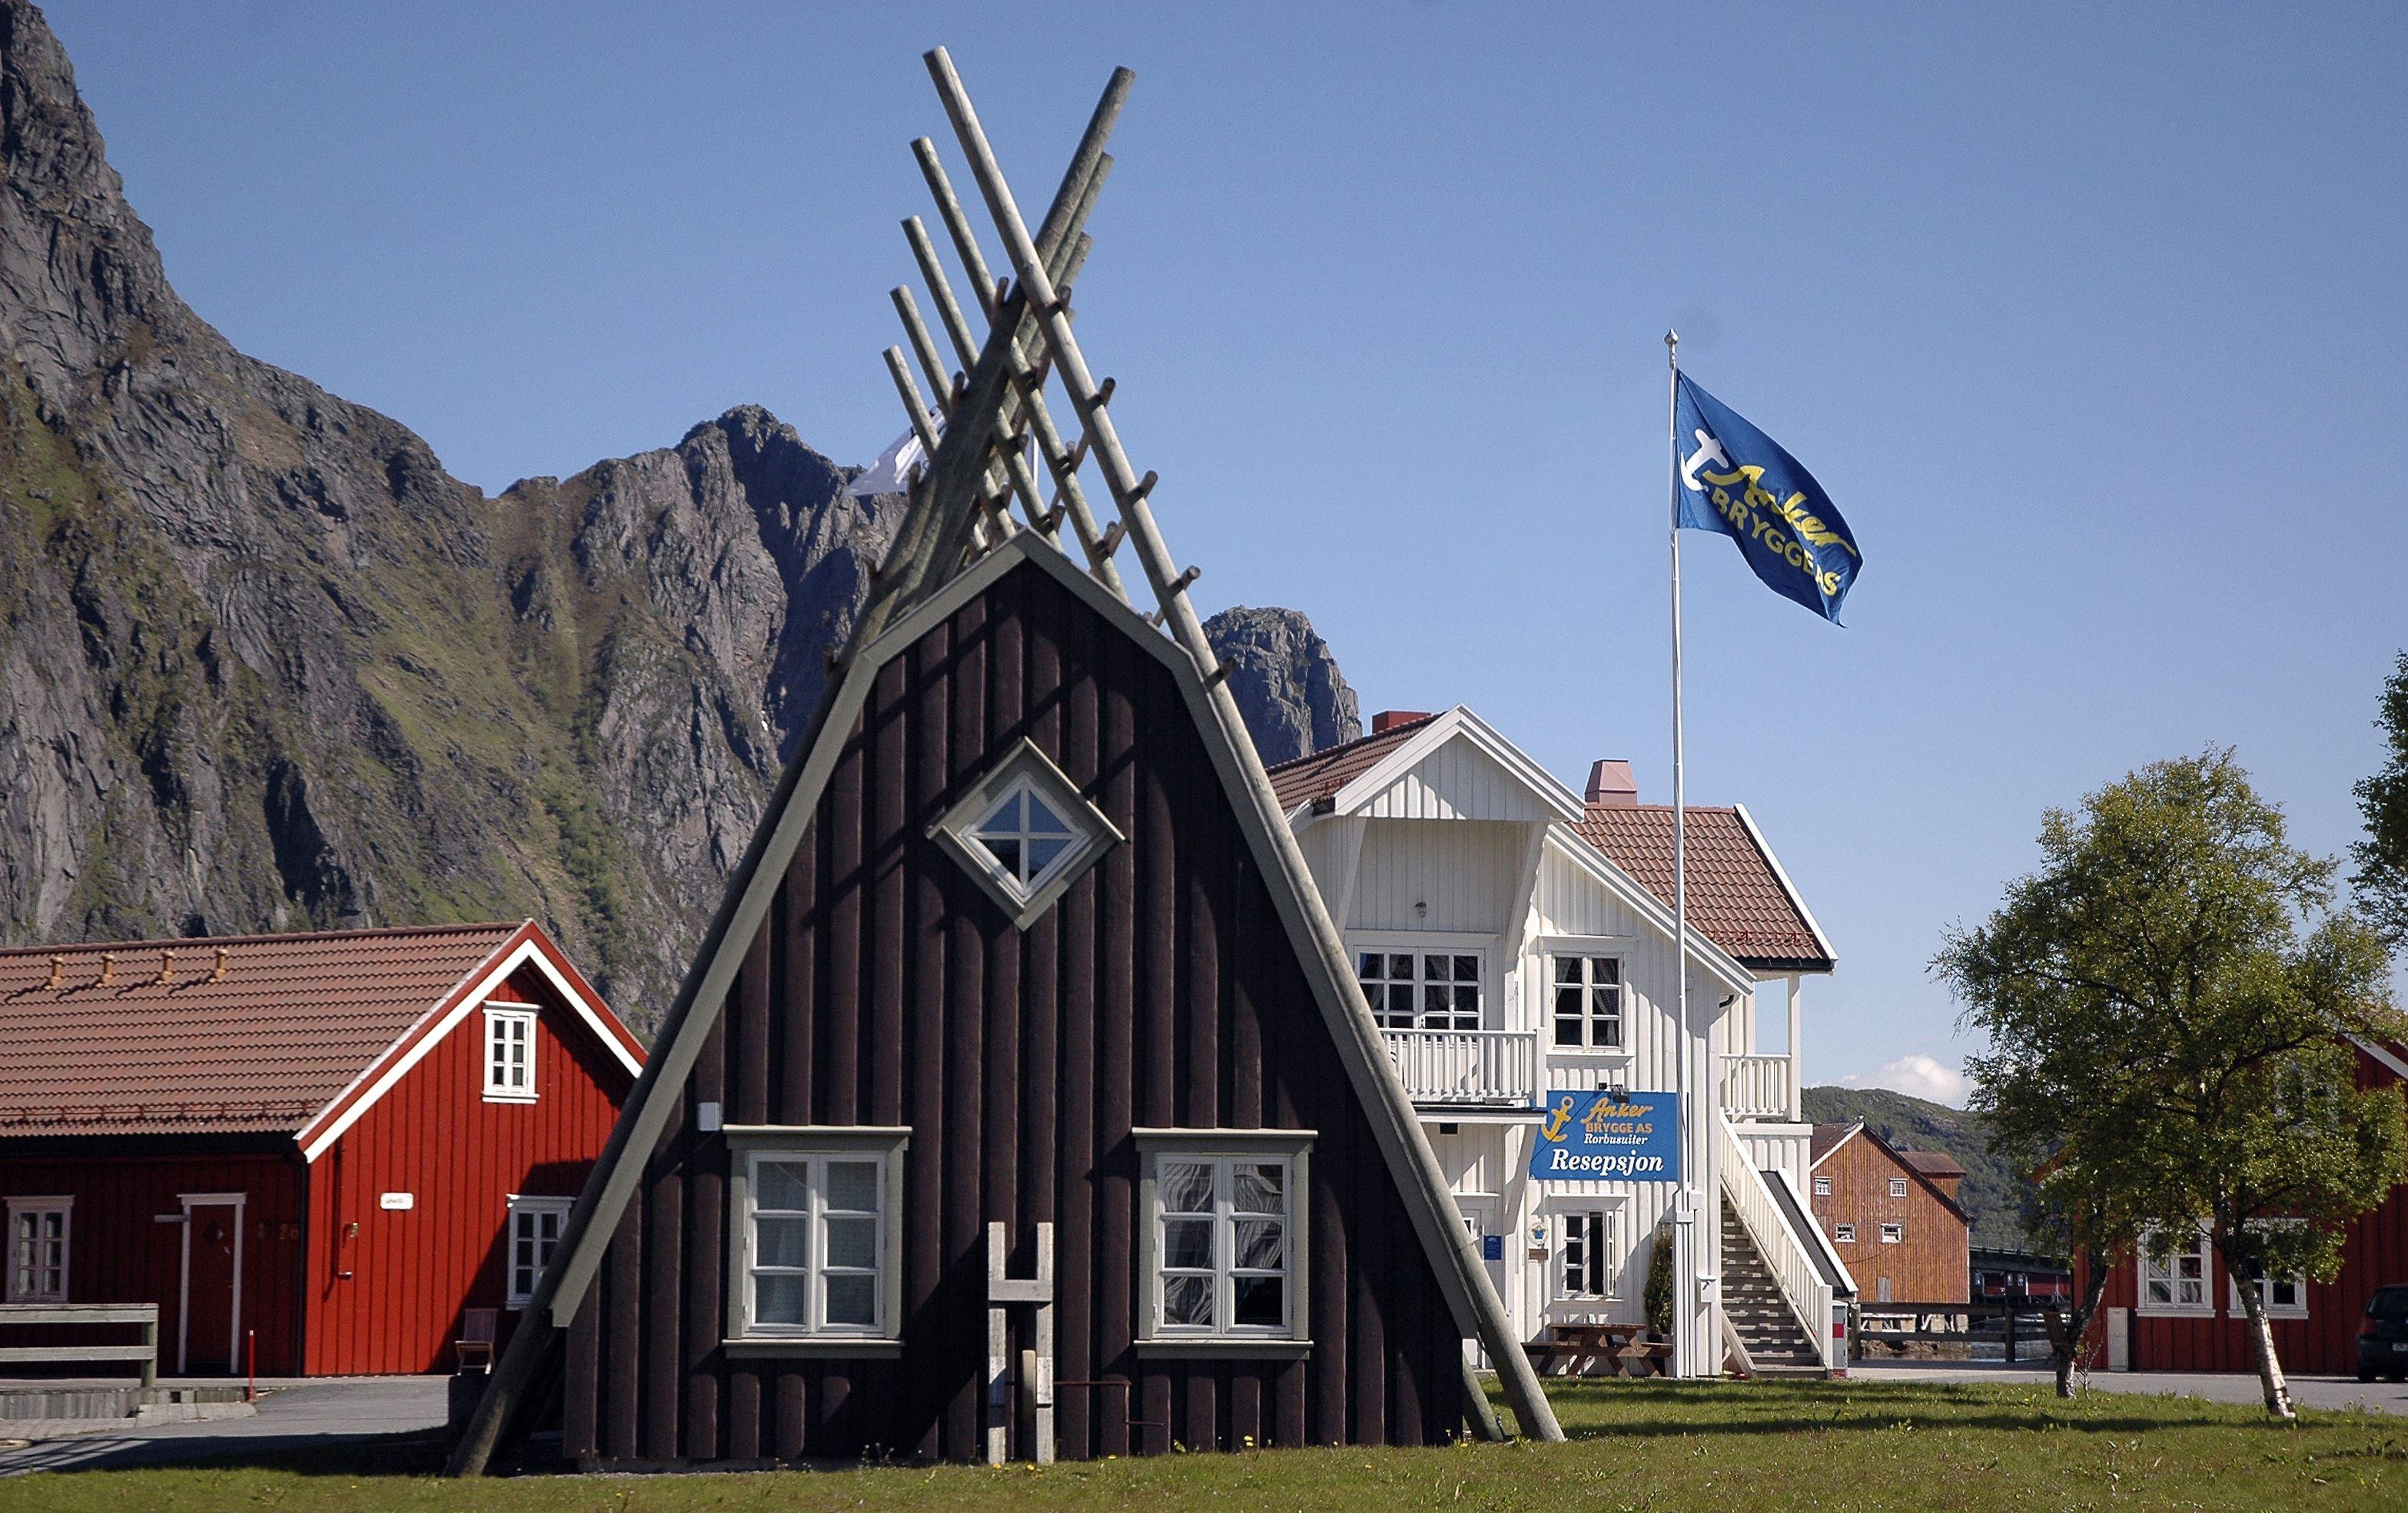 Anker Brygge rorbu suites